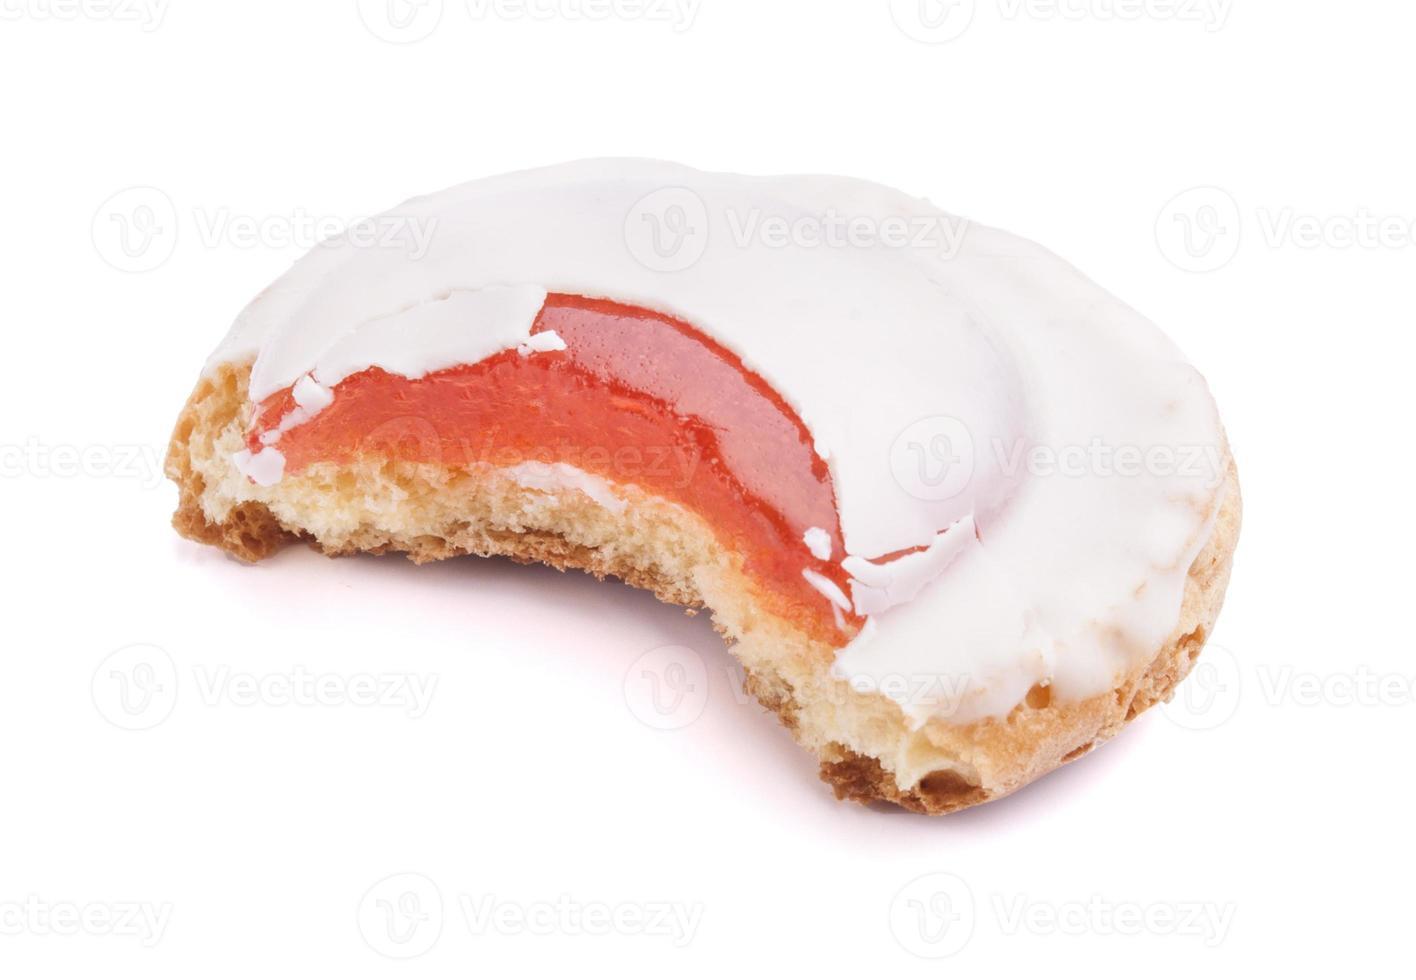 biscoitos com recheio de geléia e cobertura de iogurte foto